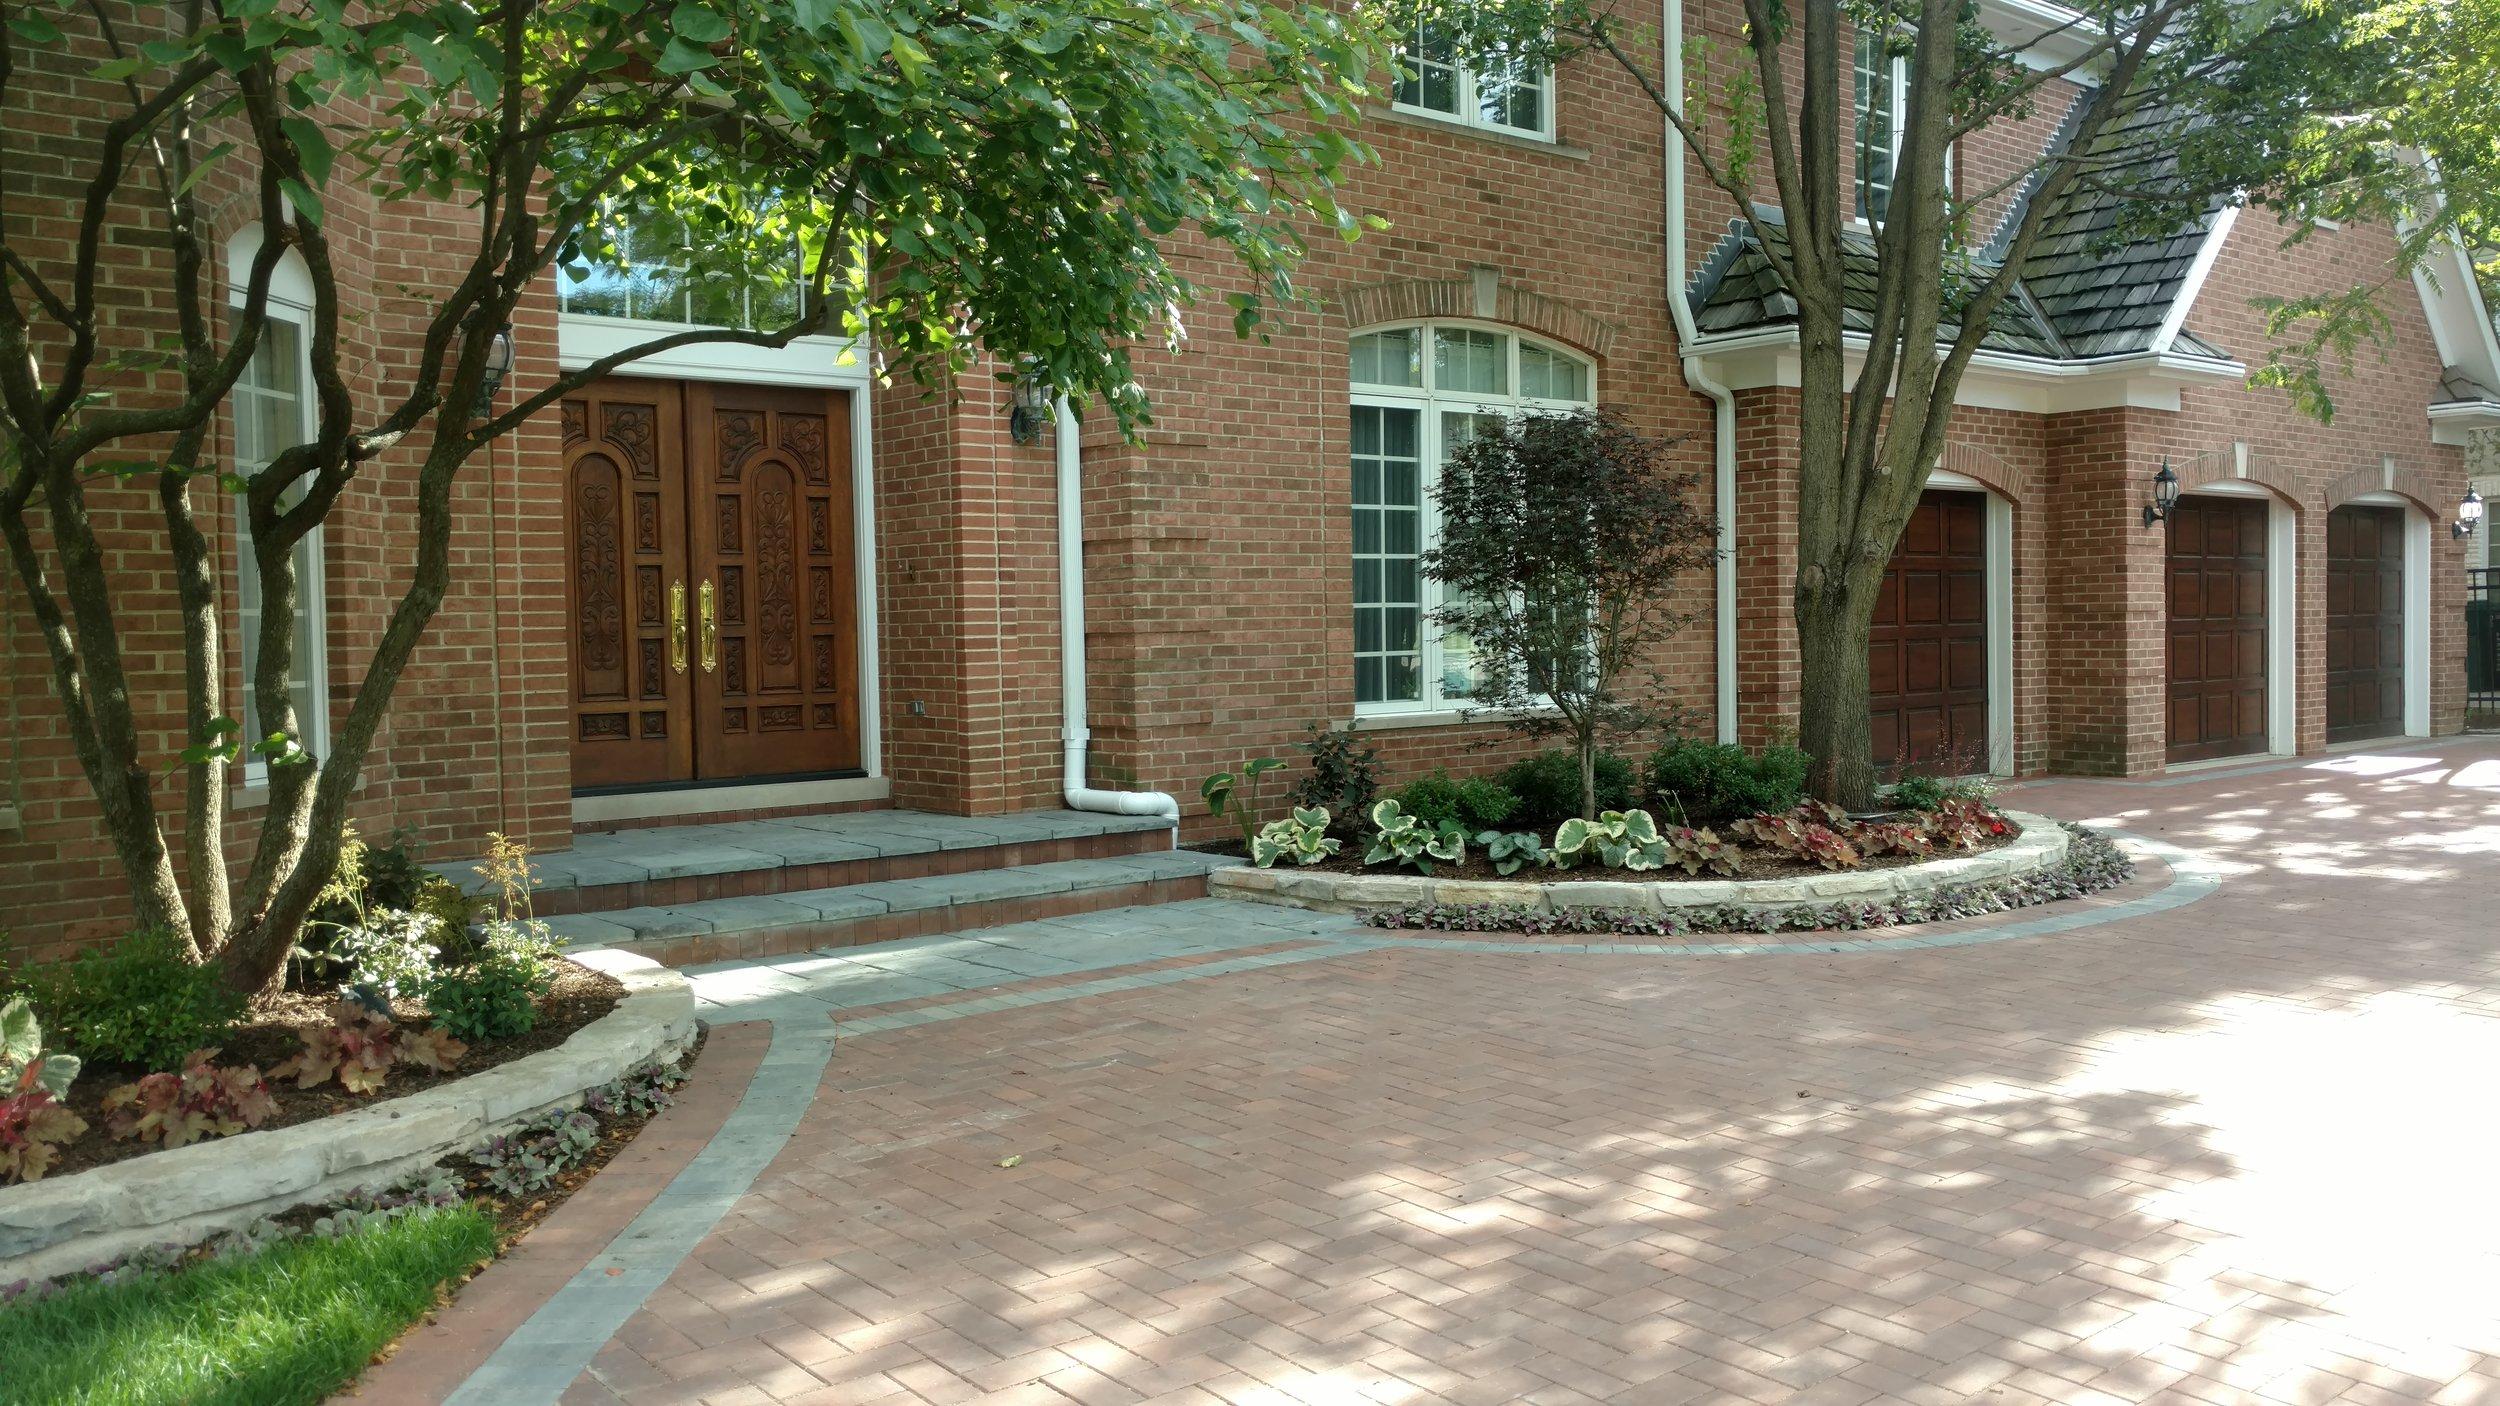 brick-entry-way